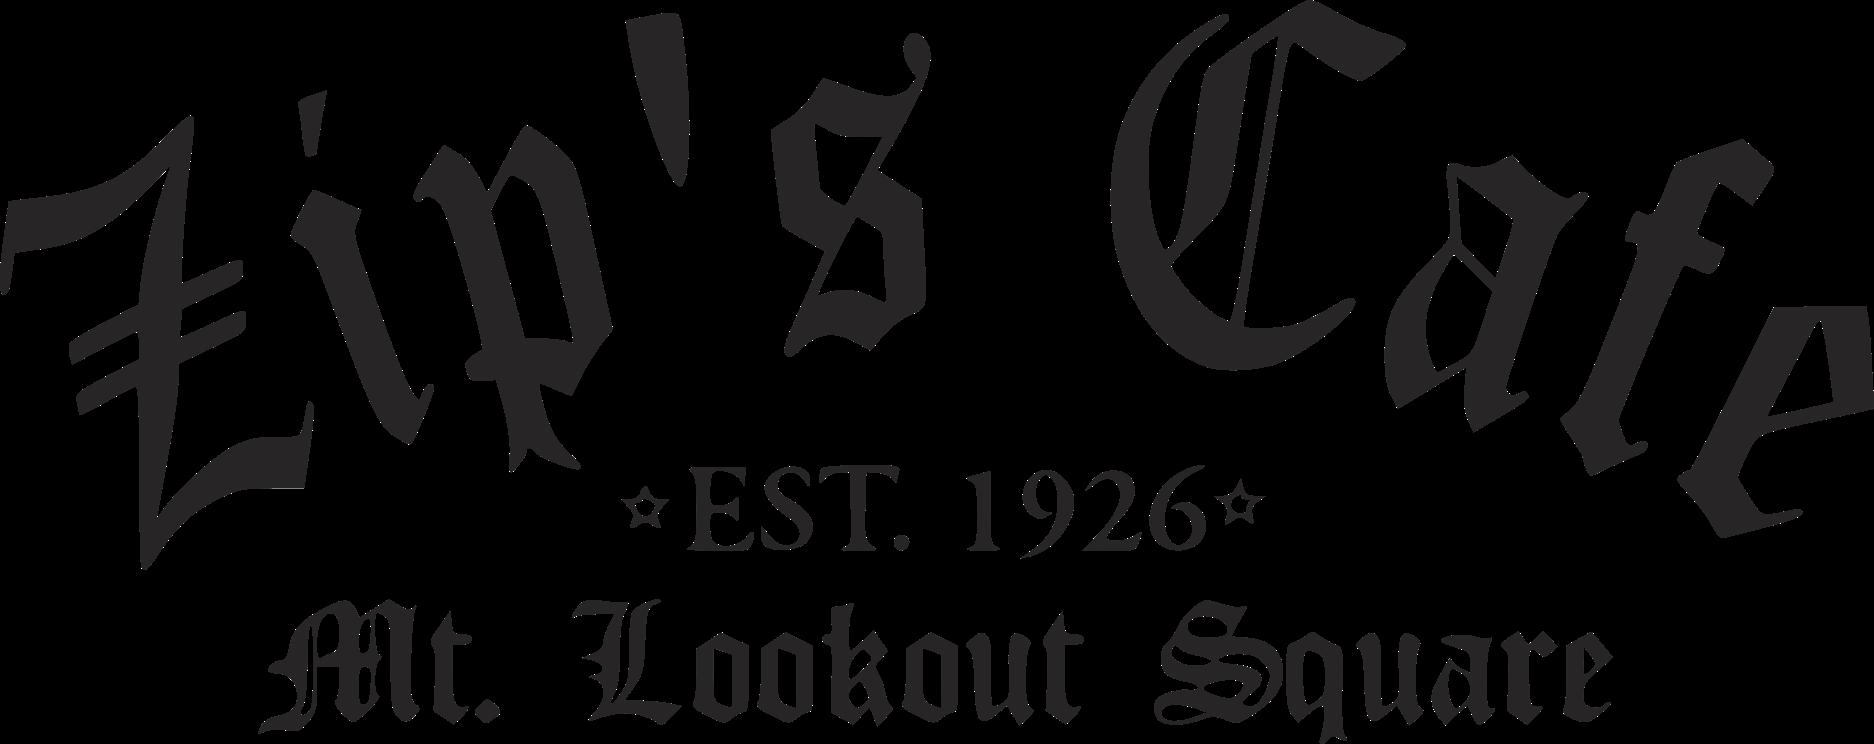 Zips Cafe Logo